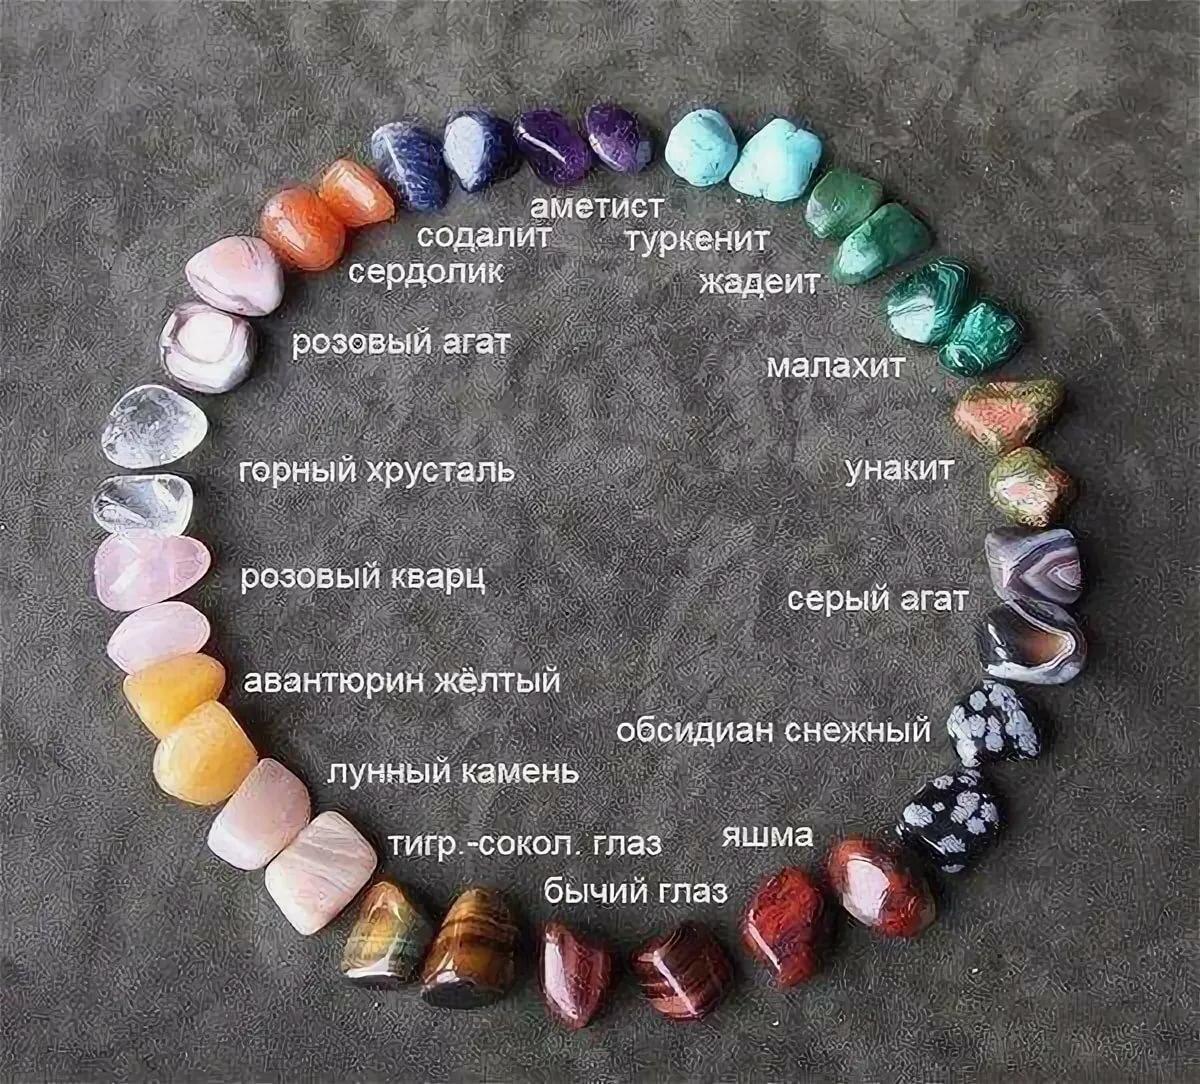 Талисманы, амулеты, обереги для тельца: камни по дате рождения, для женщин и мужчин, животные, растения, цвета